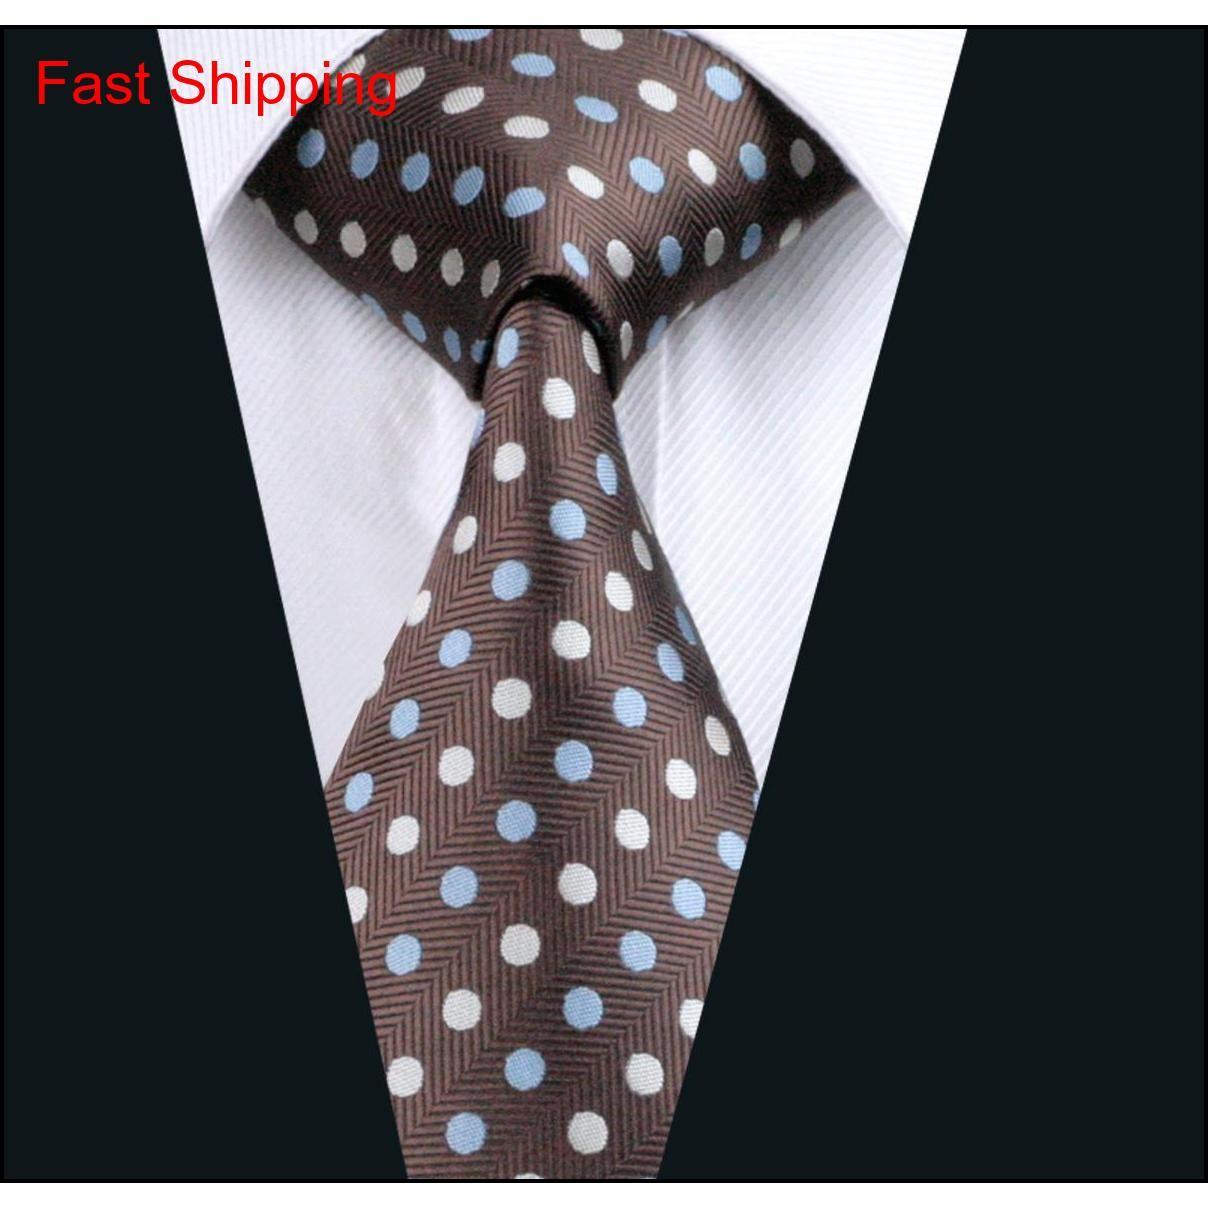 Hombre punto estilo cuello conjunto bolsillo cuadrado gemeljillas jacquard tejido para hombre corbata de seda trabajo formal conocer qylila beauty888